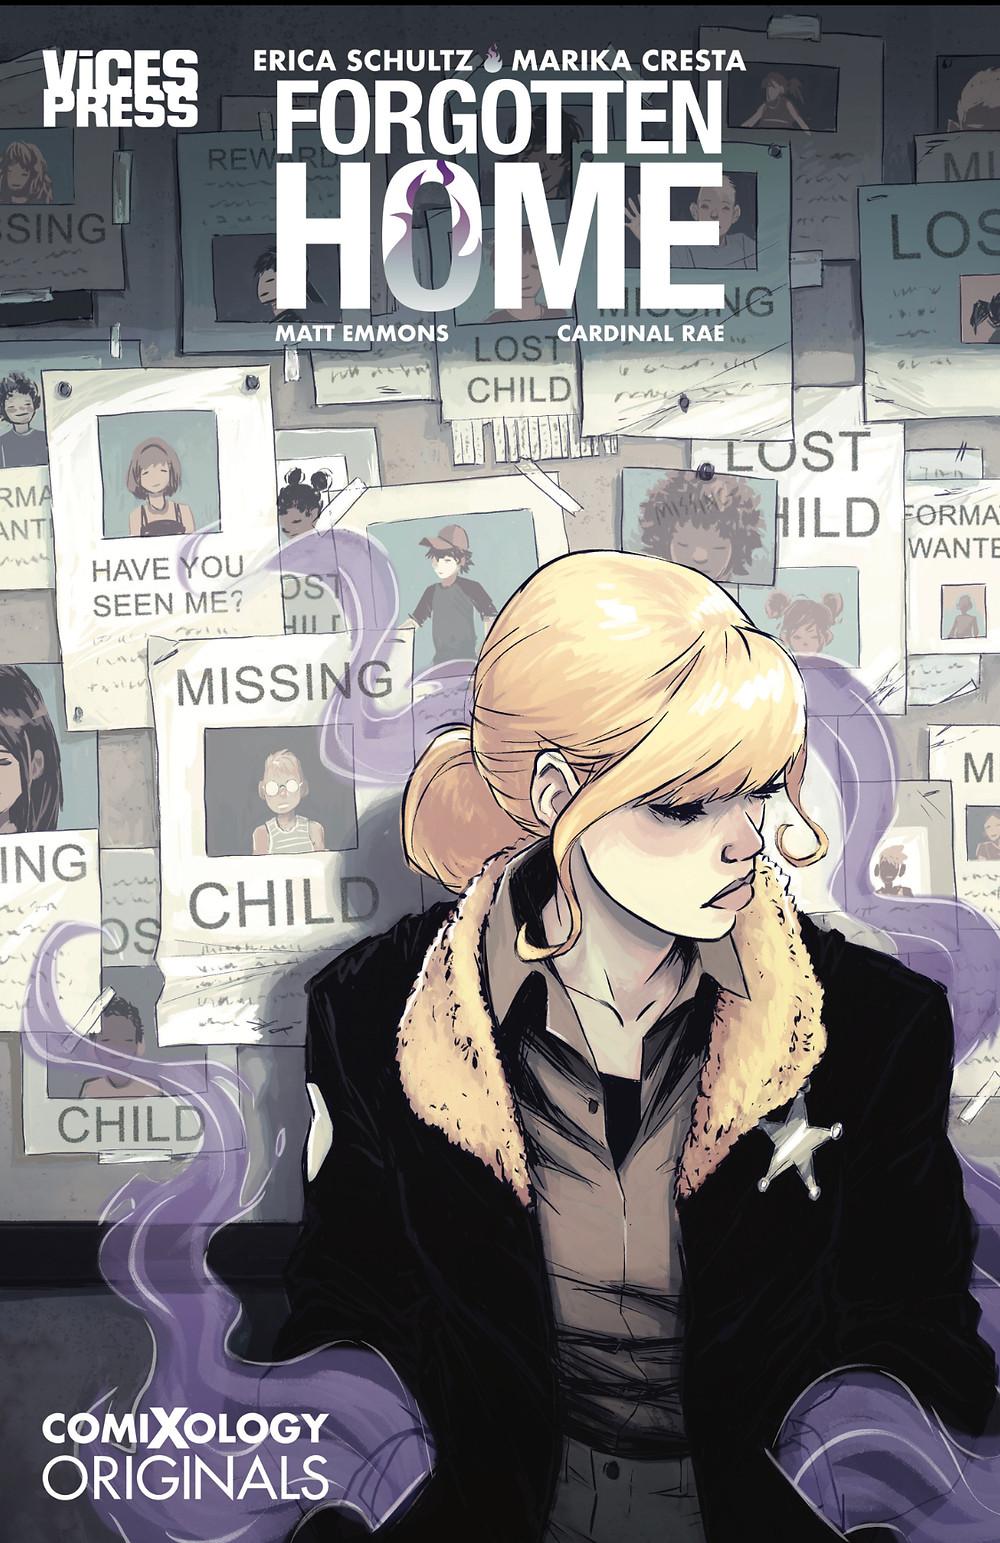 Forgotten Home, issue #1, cover by Natasha Alterici, Vices Press, Schultz/Cresta